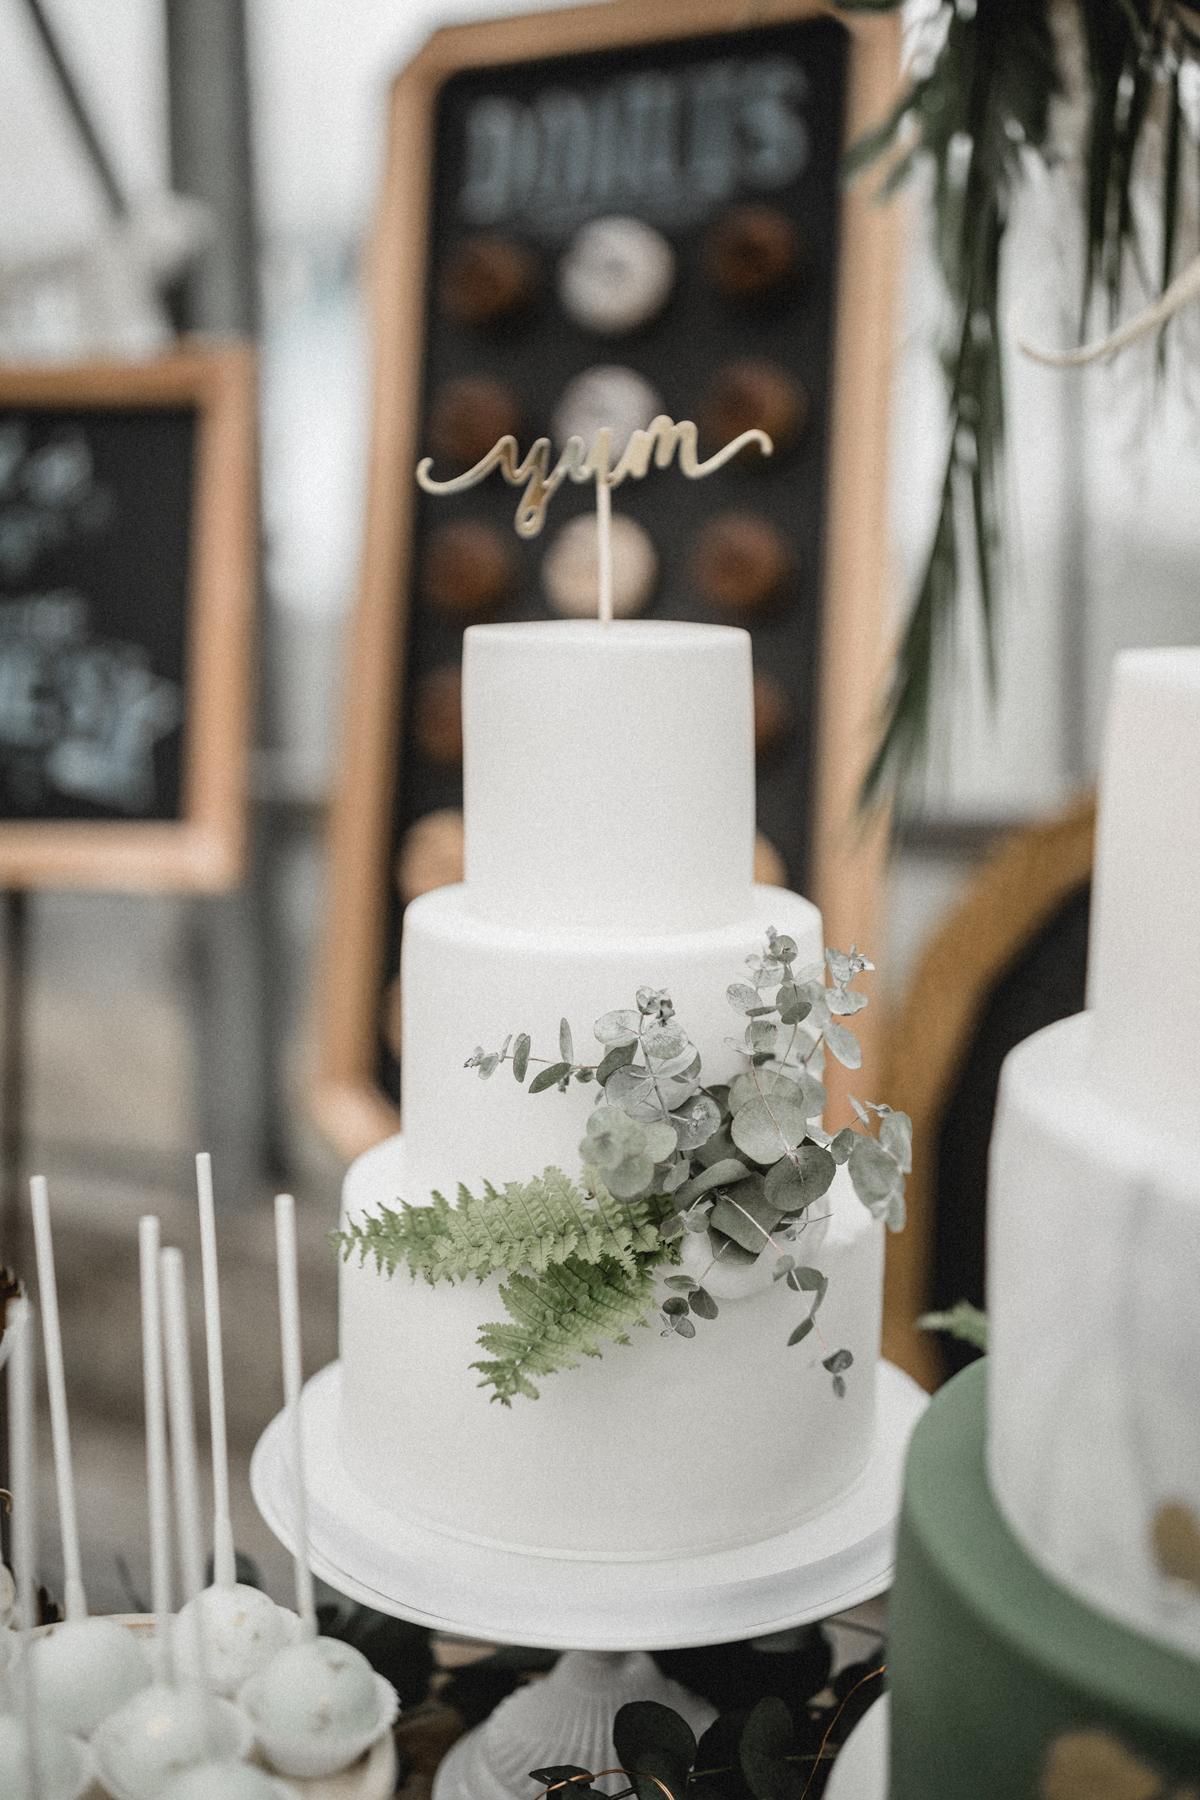 Andreas_Nusch_Hochzeitsfotografie_Brautshooting_2017_JA-Hochzeitsshop_0158